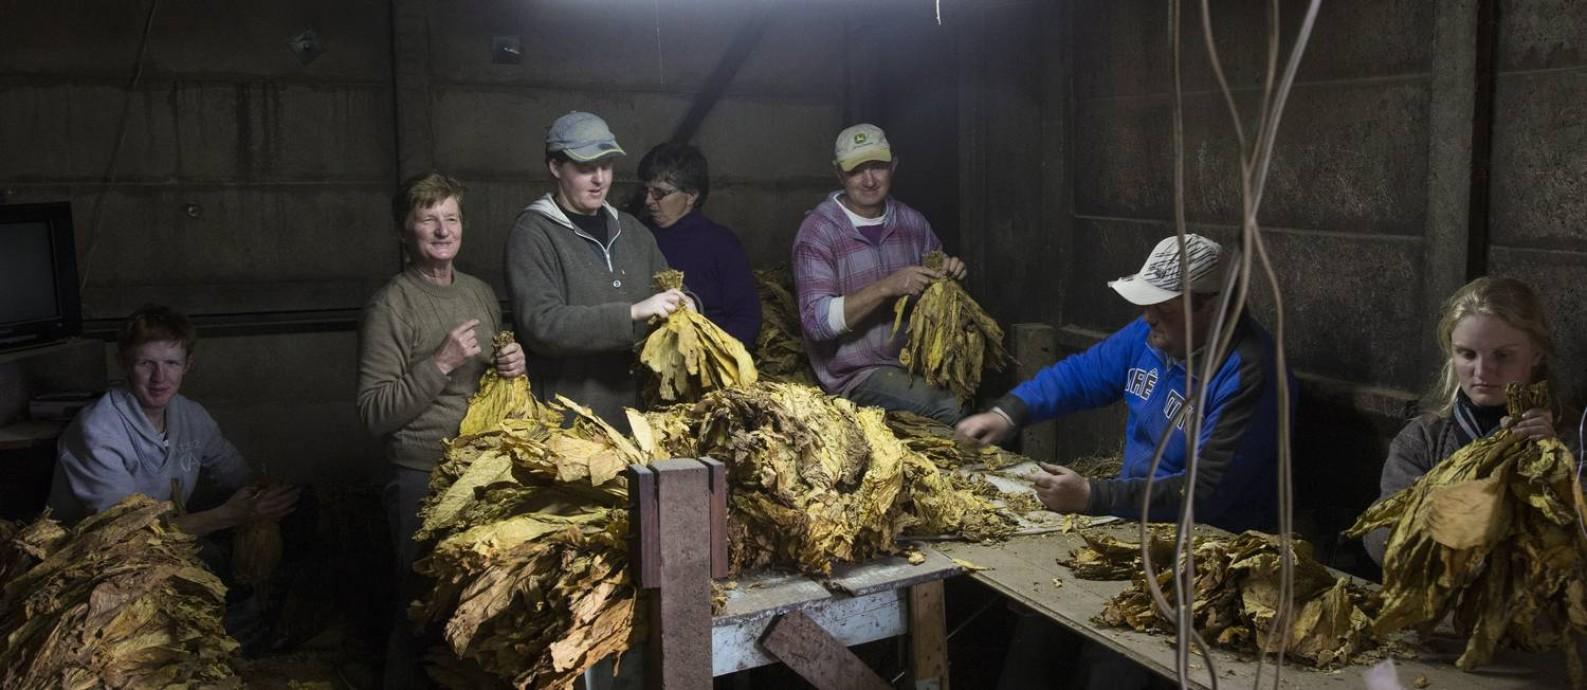 Uma família de agricultores trabalha na seleção e classificação das folhas de fumo, no Rio Grande do Sul Foto: ANTONIO SCORZA / Agência O Globo